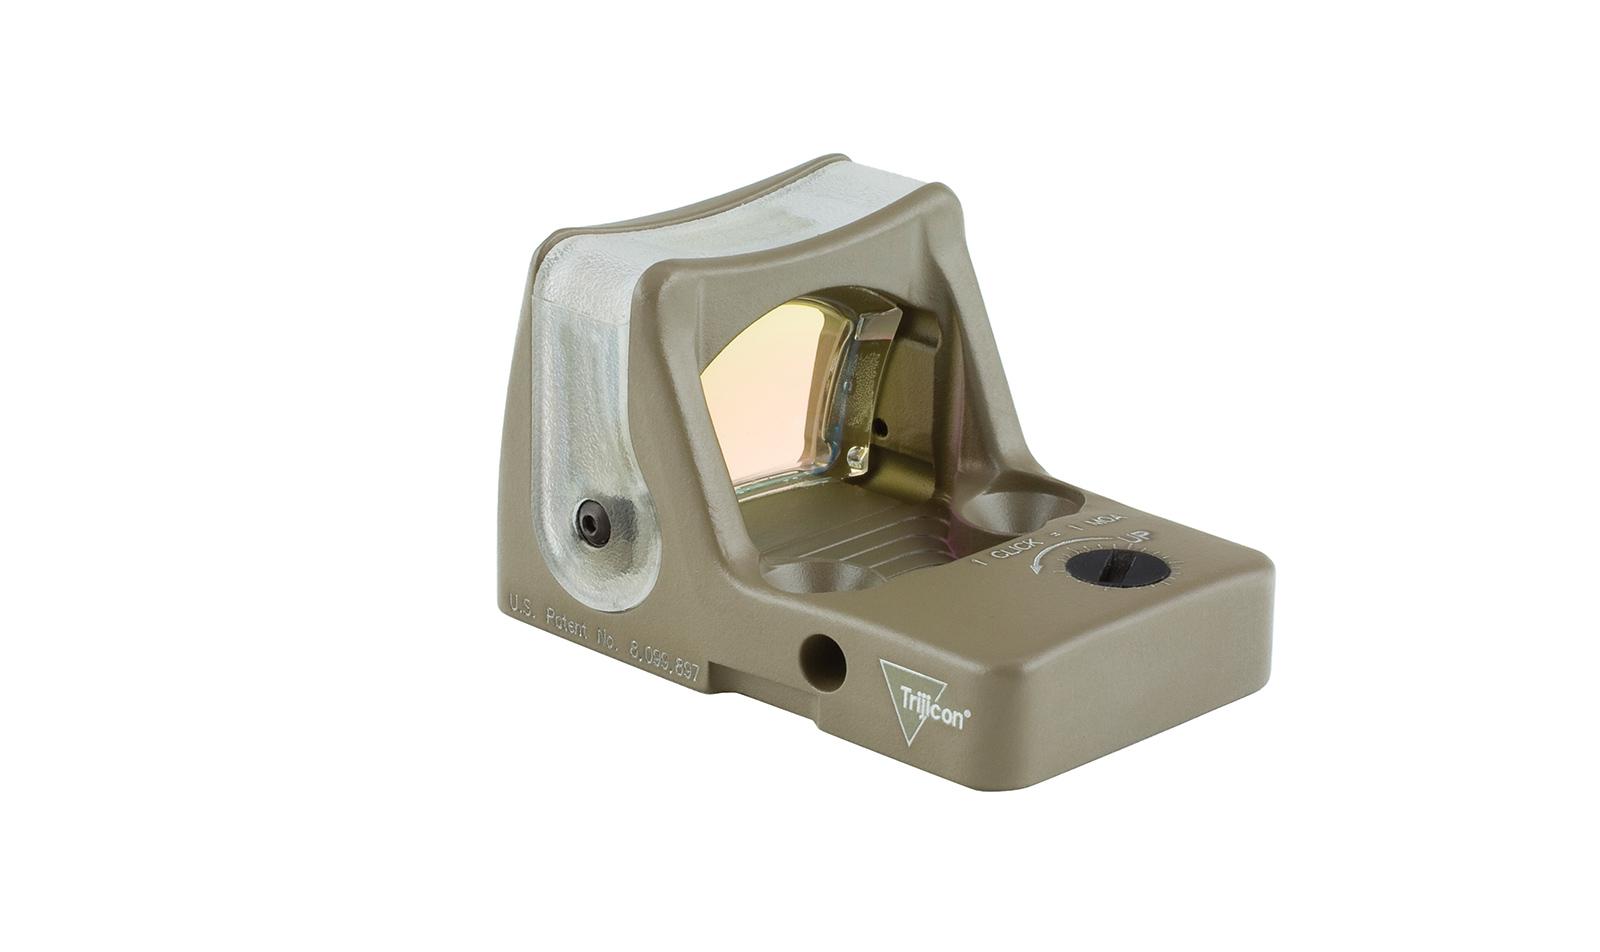 RM03-C-700144 angle 3